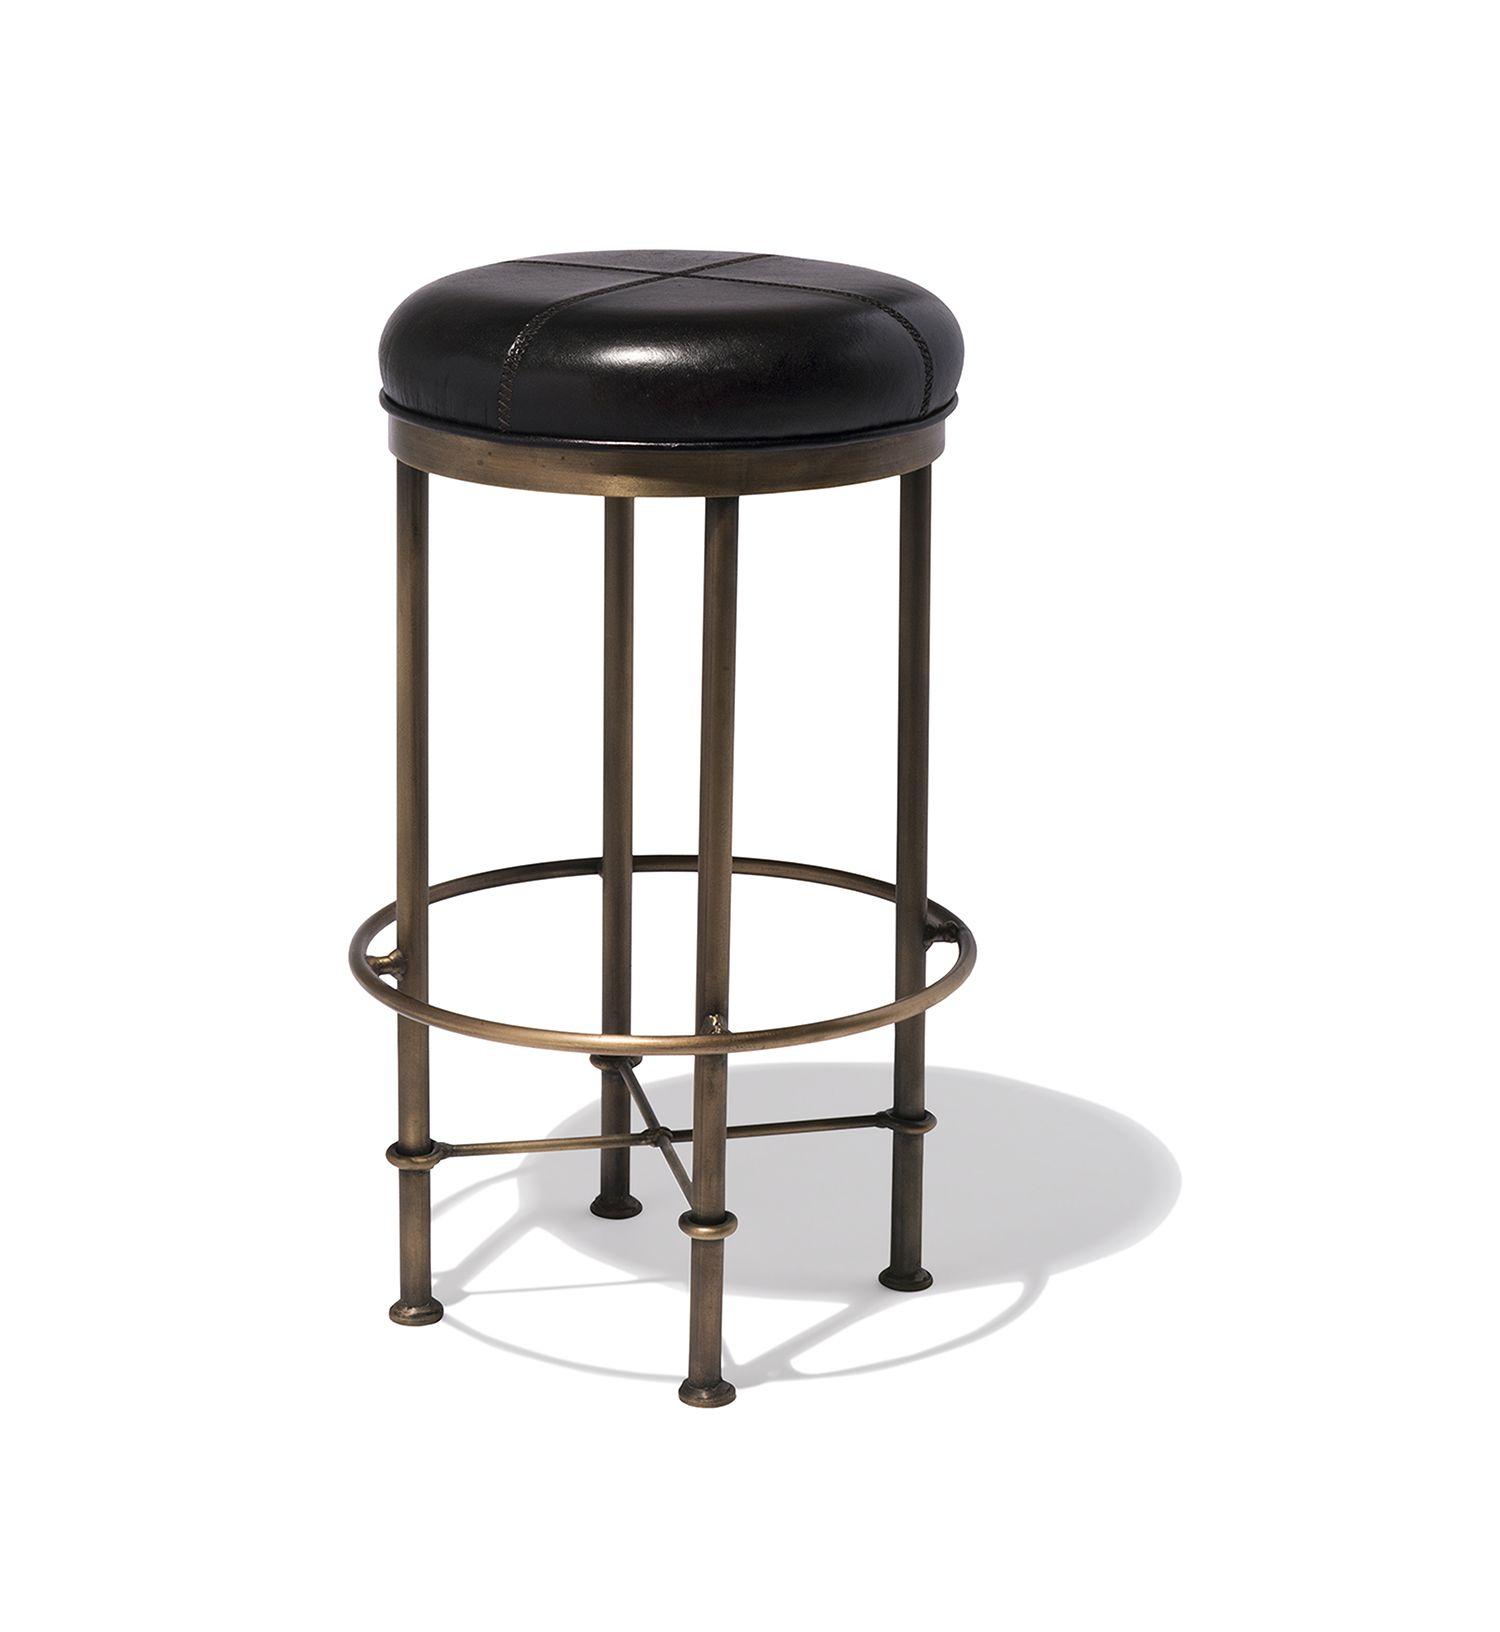 stool oem product stools adjustable oemtools shop image hydraulic